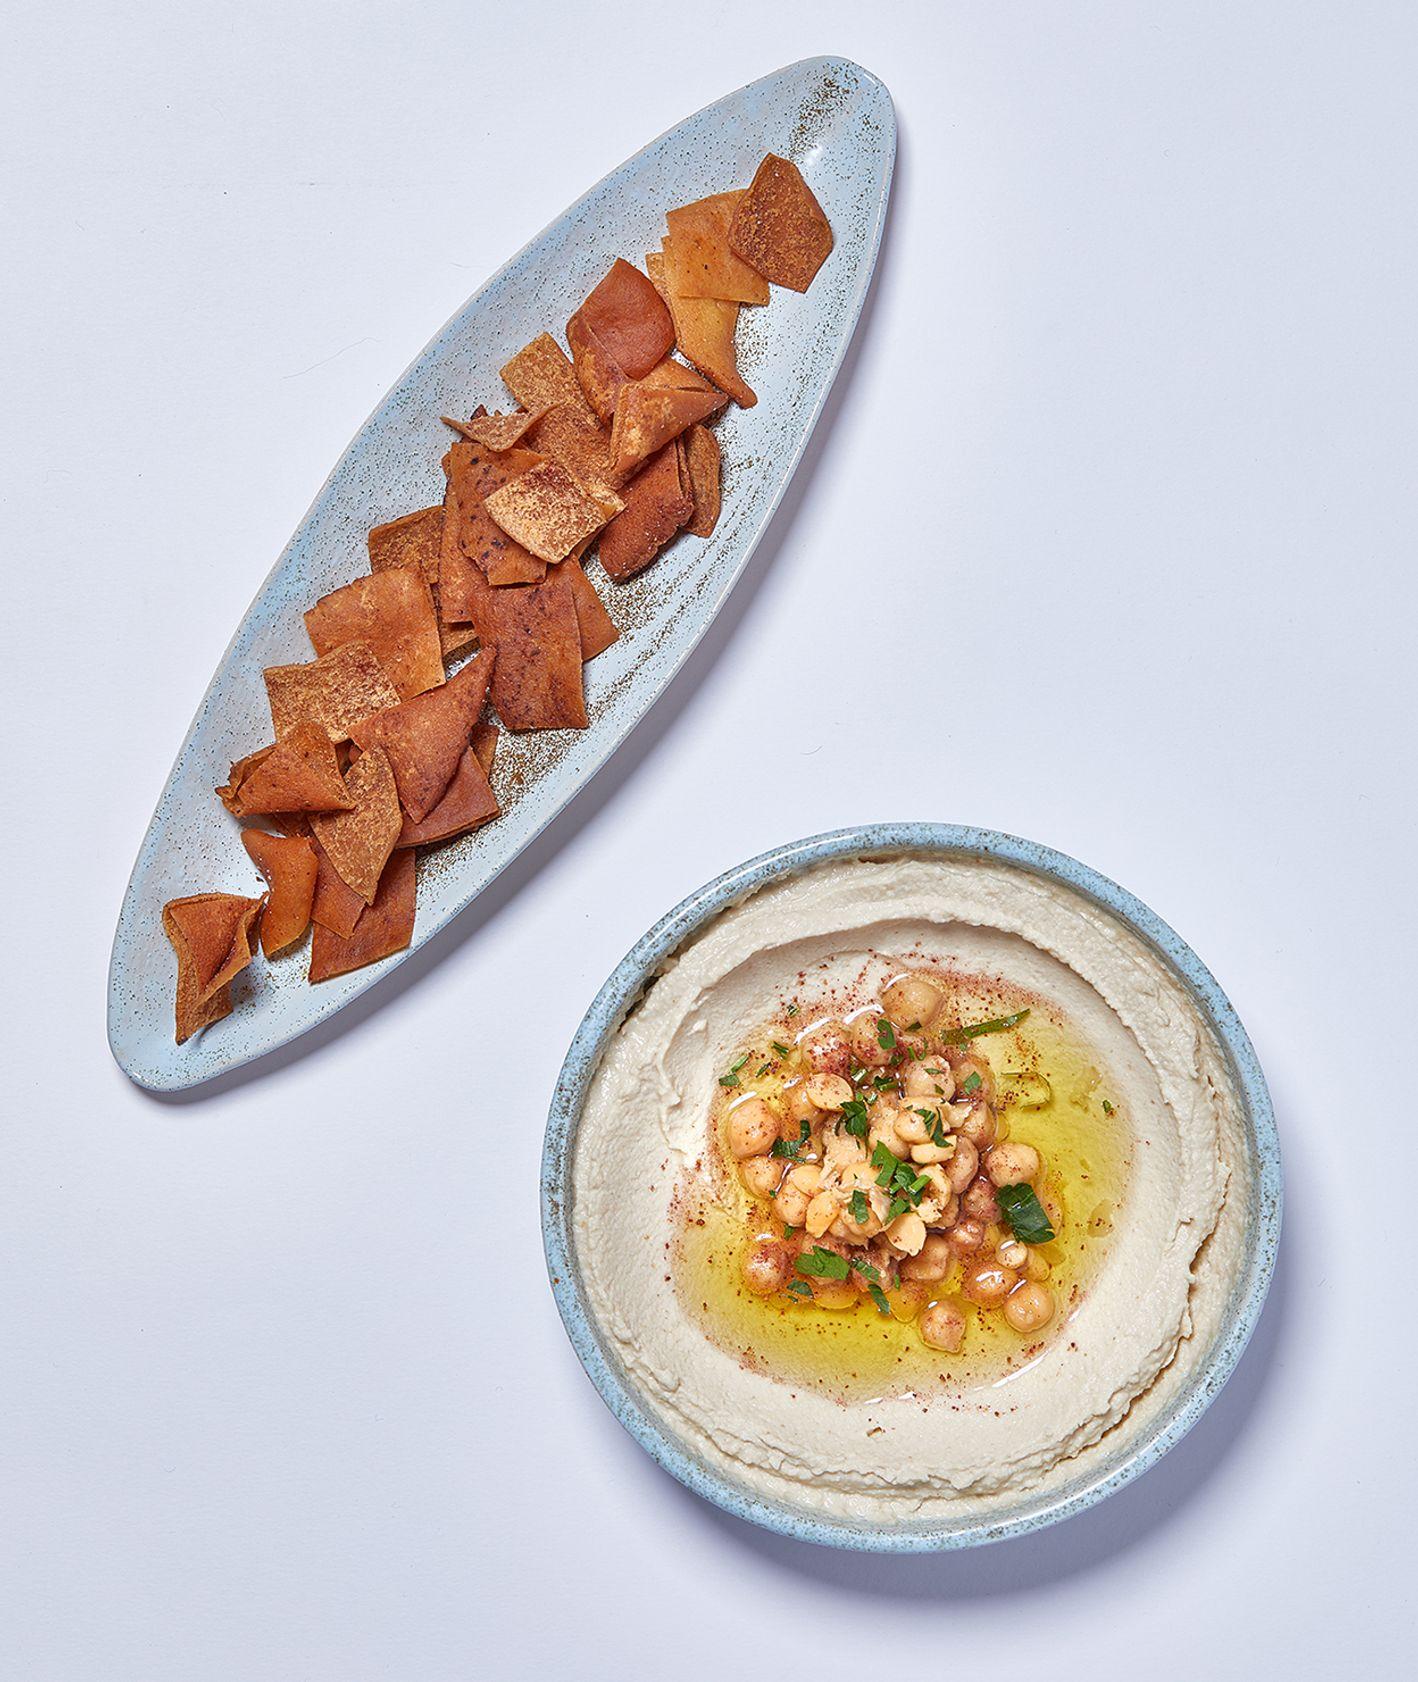 Humus w wykonaniu restauracji Tahina (fot. Maciek Niemojewski)